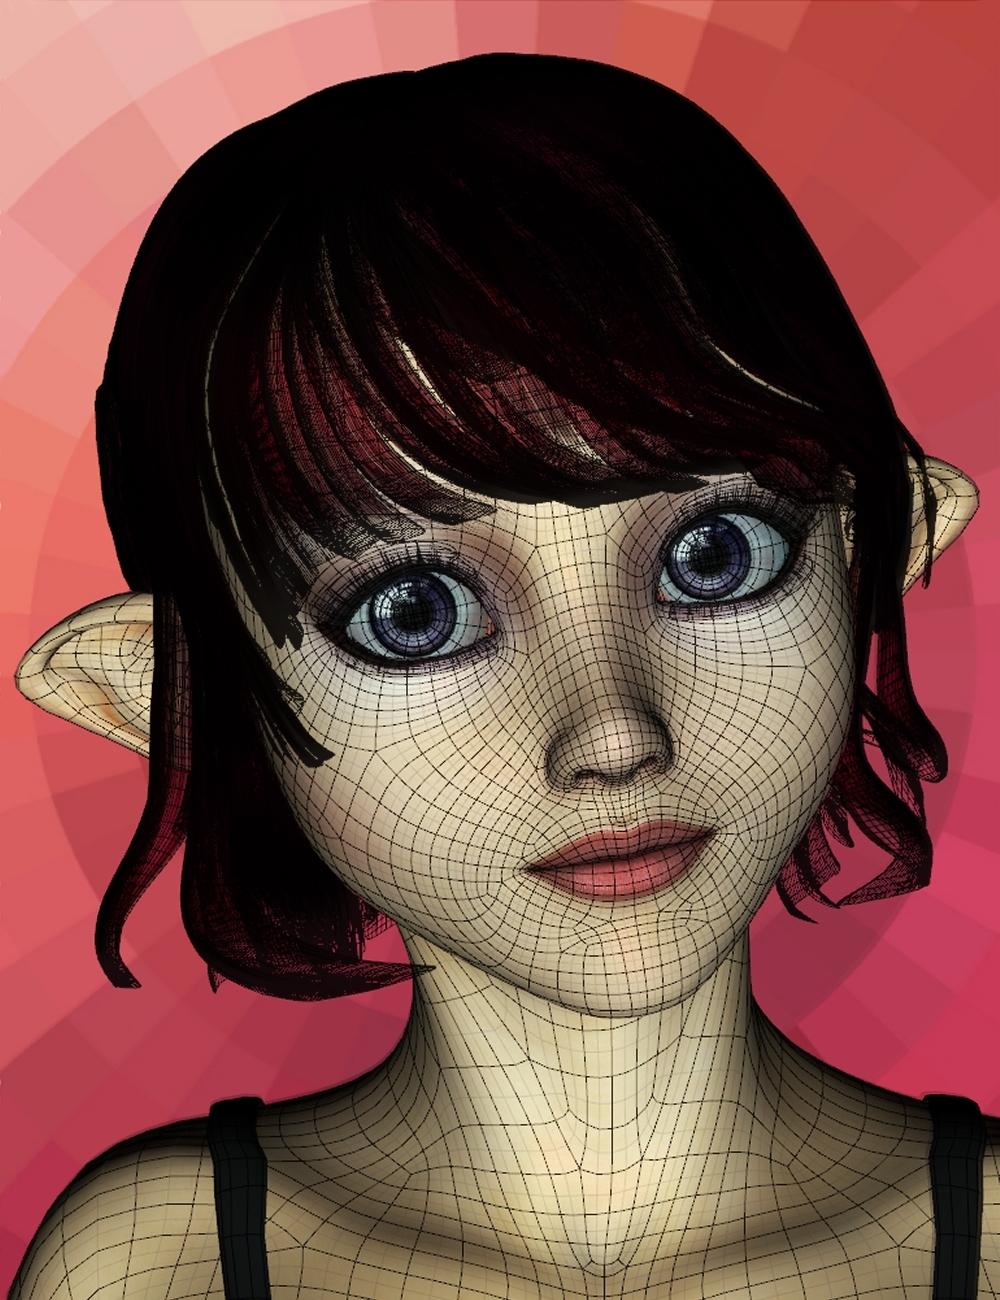 Genesis Aiko 5 Head Morph Resource Kit by: ThorneHandspan Studios, 3D Models by Daz 3D